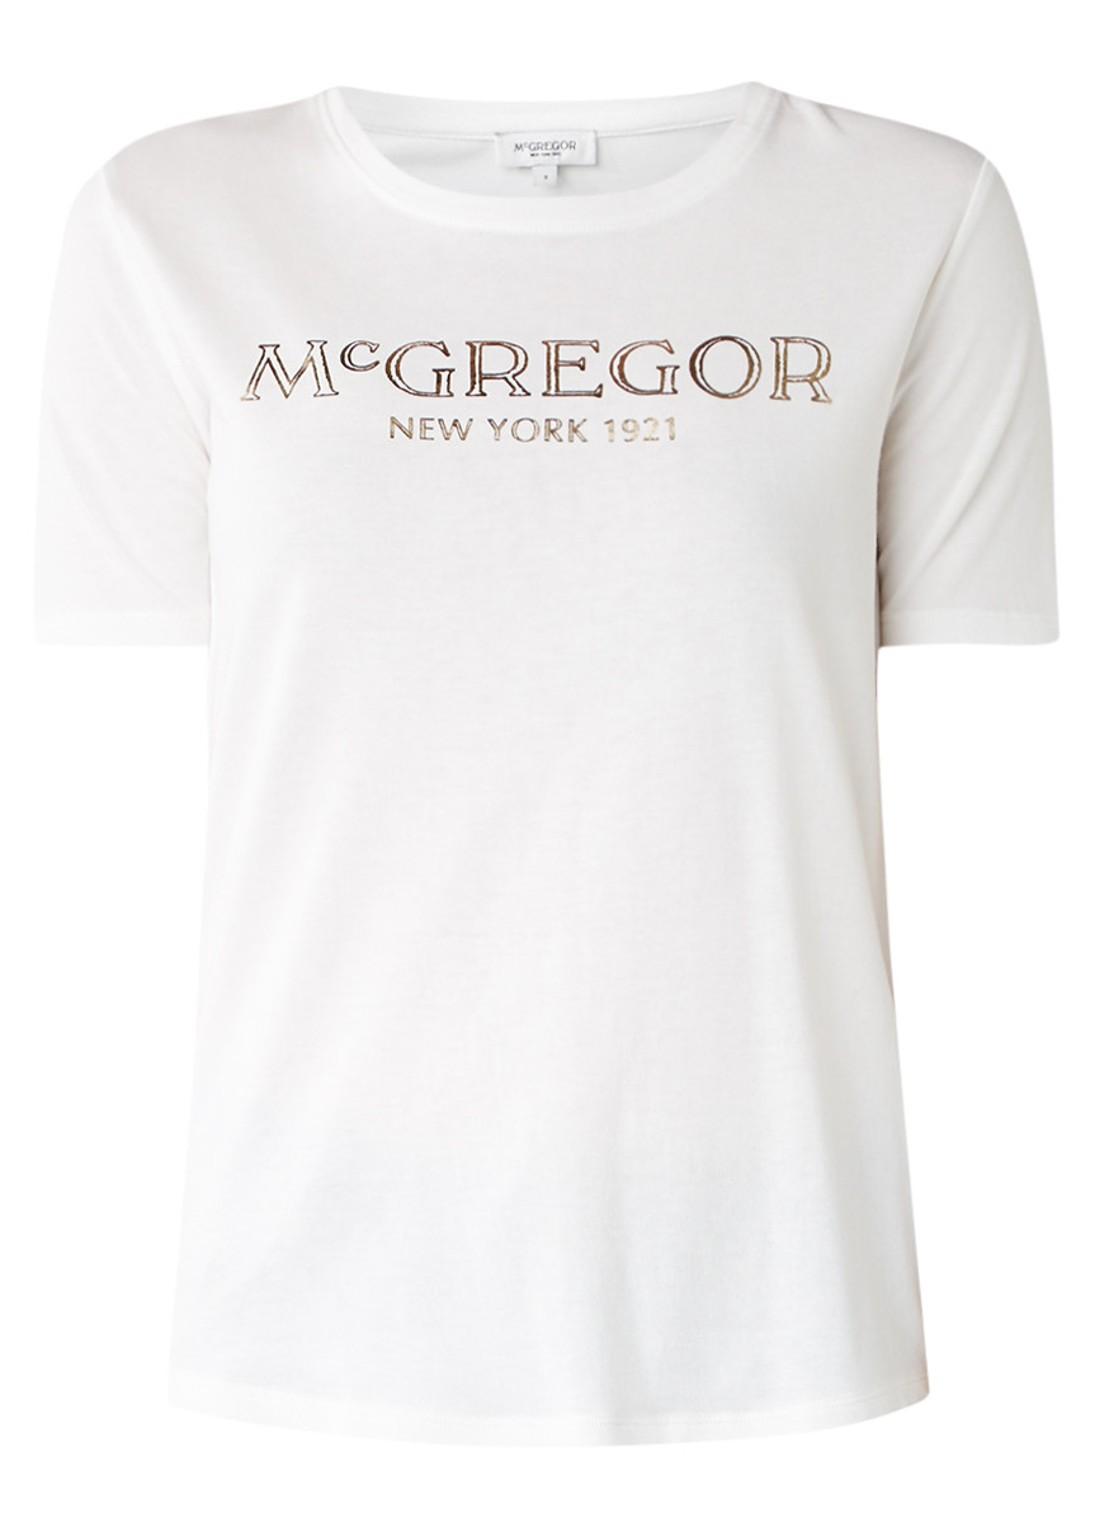 De Bijenkorf sale met 60% korting  op kleding van Gaastra + McGregor